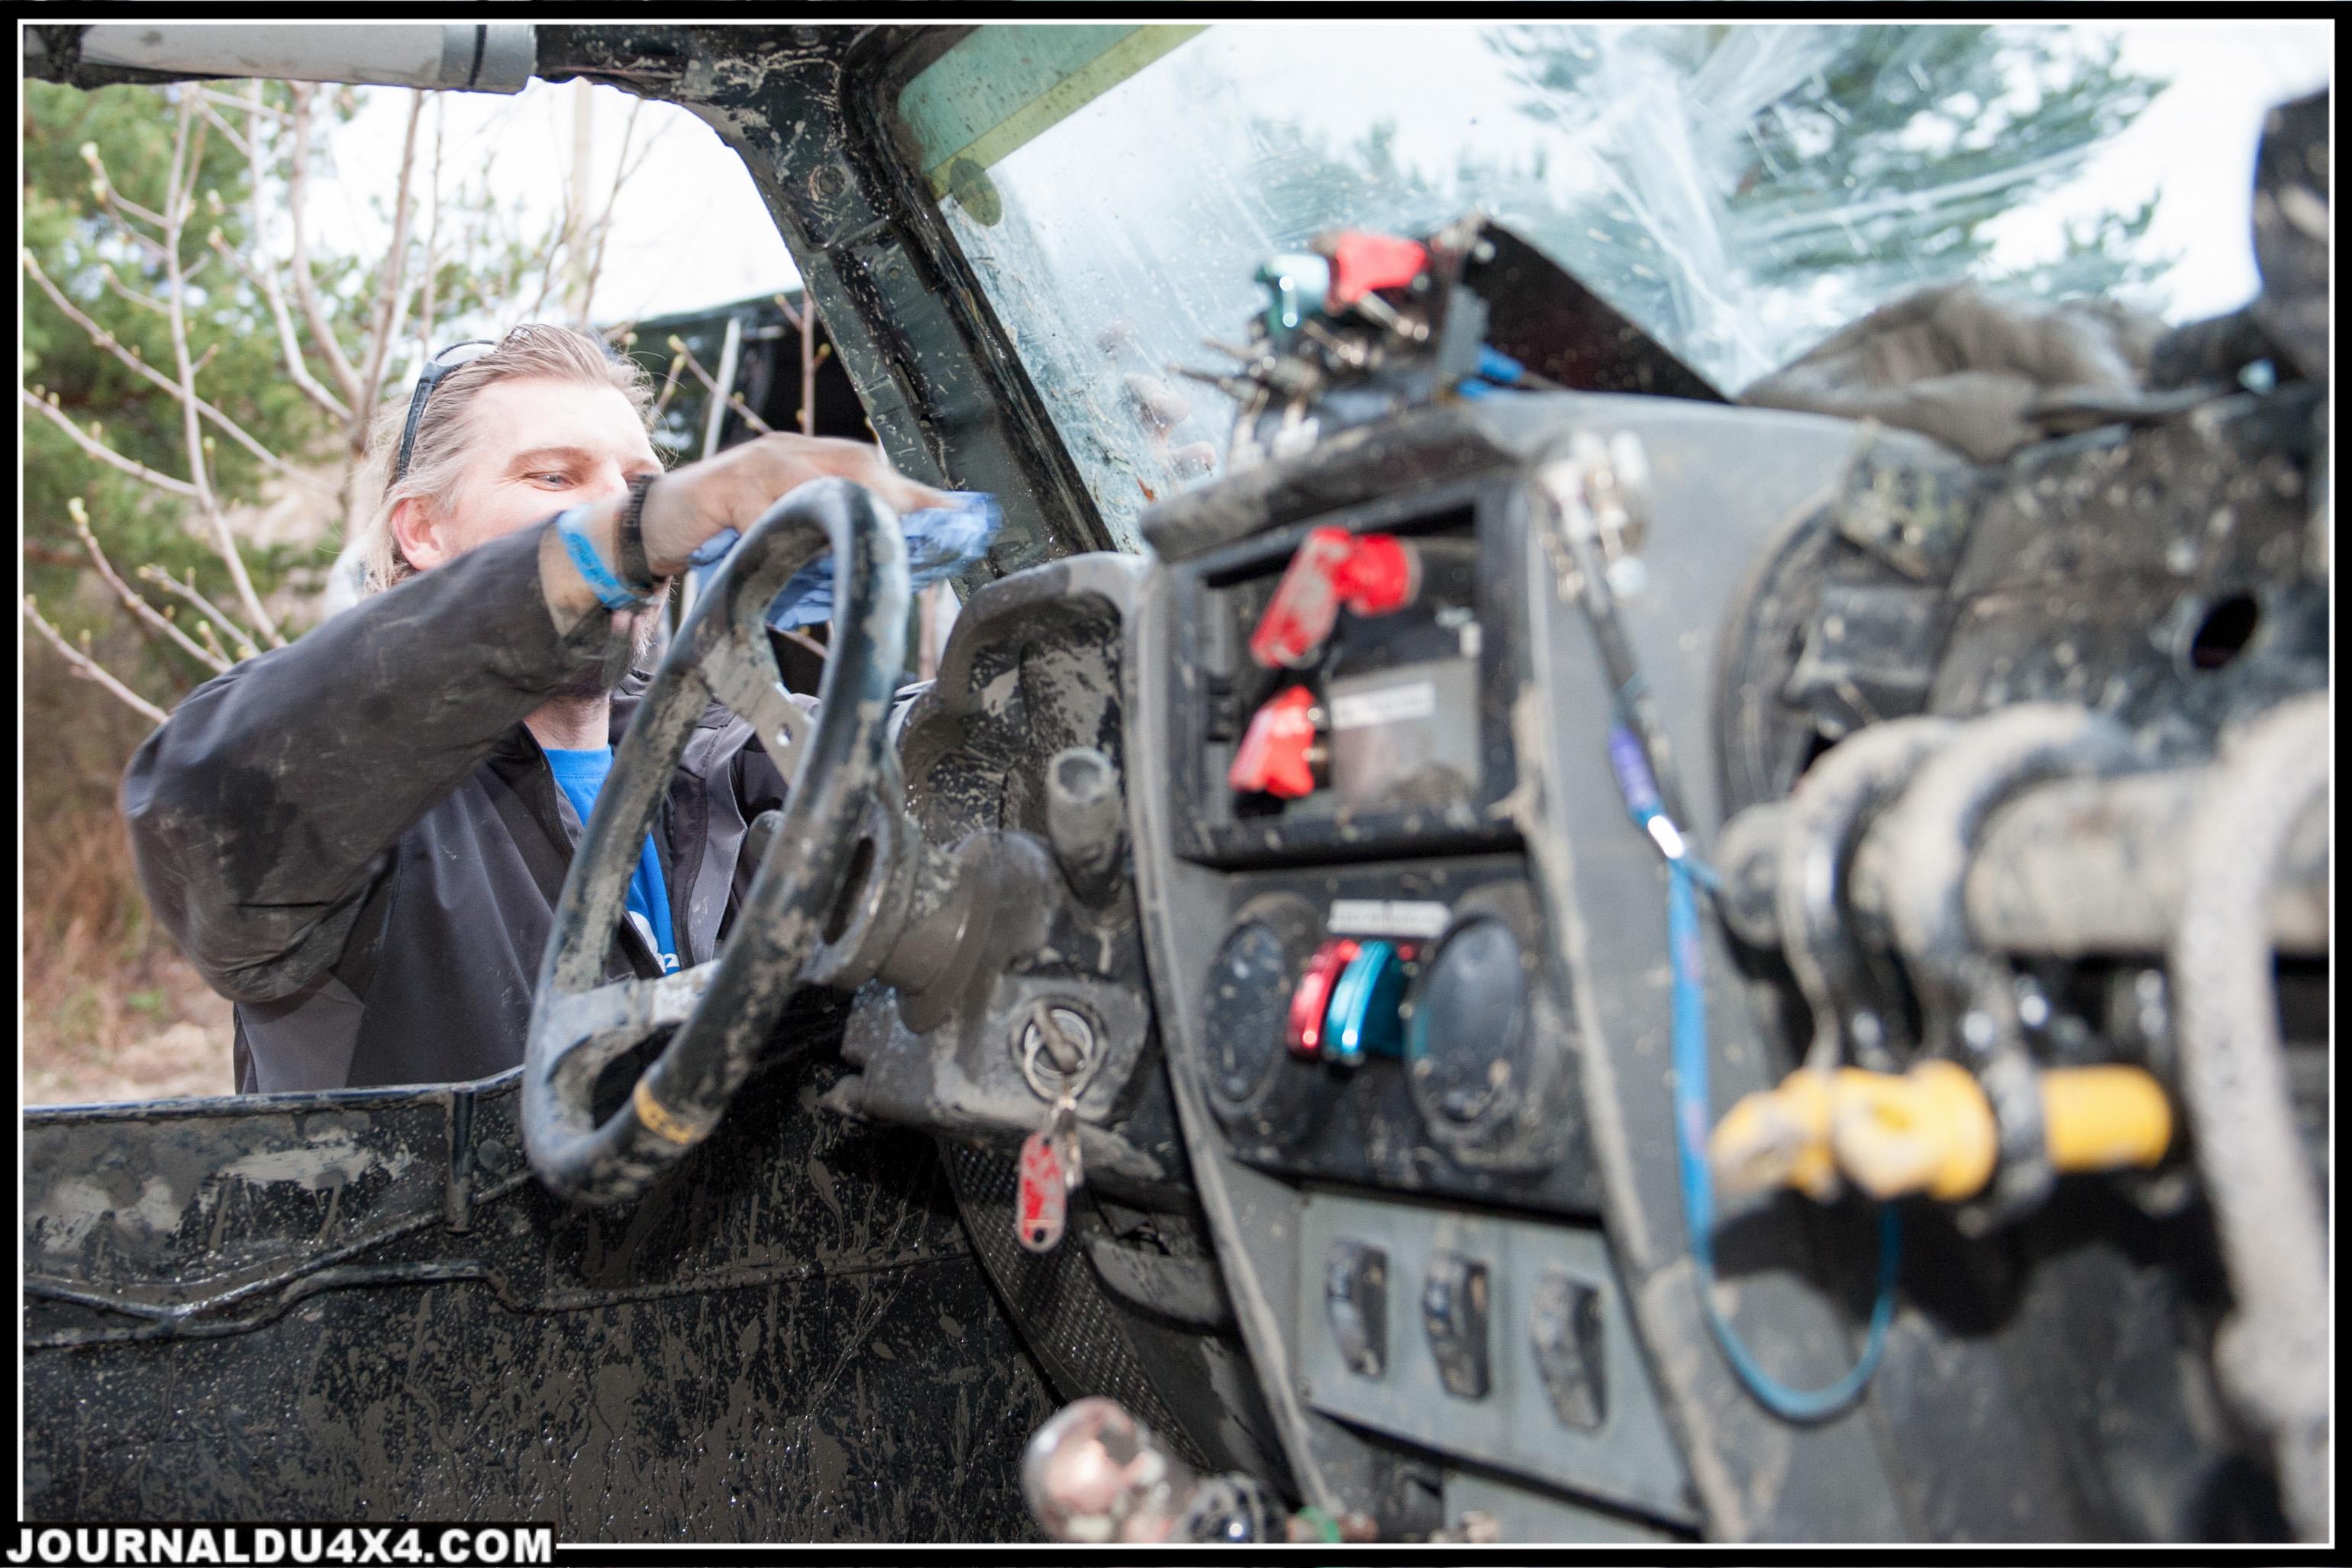 Stéphane de ZZ Kustom, certainement victime de fatigue intense, en train d'épousseter l'intérieur de sa Jeep